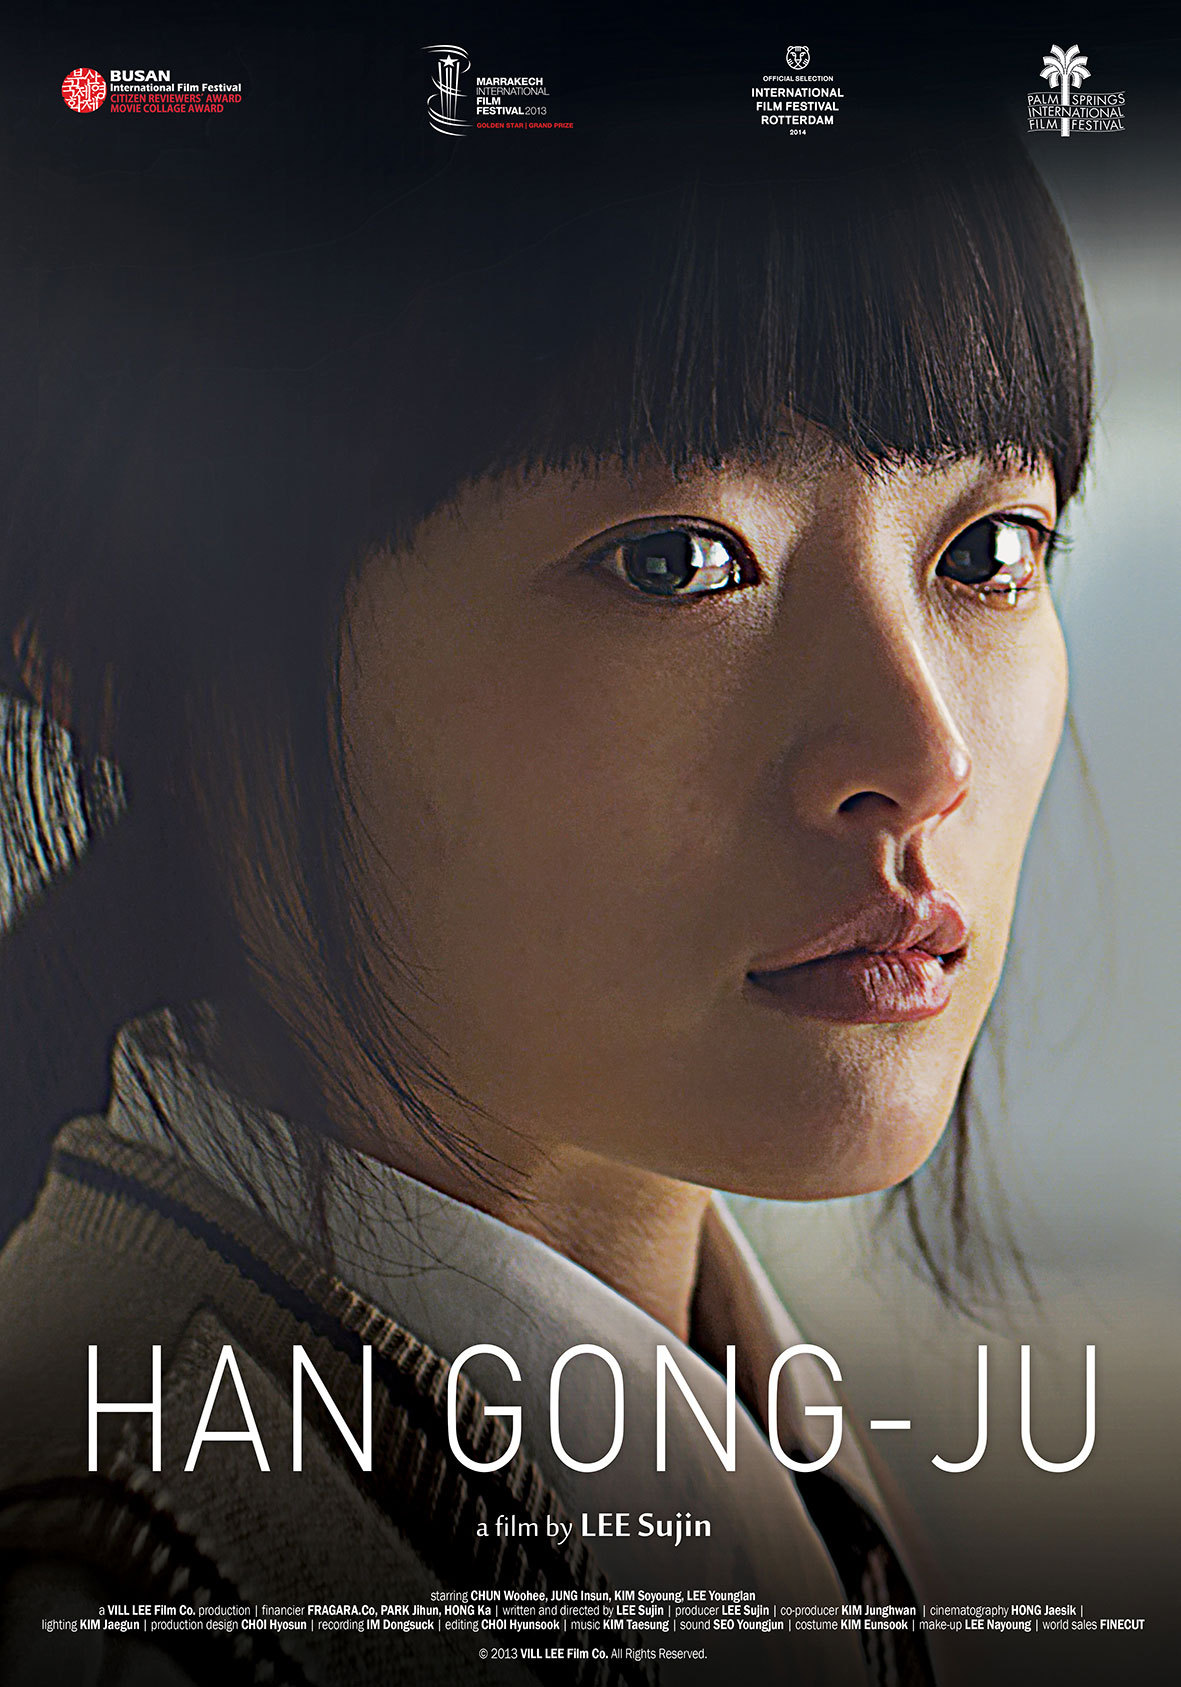 فیلم سینمایی Han Gong-ju به کارگردانی Su-jin Lee